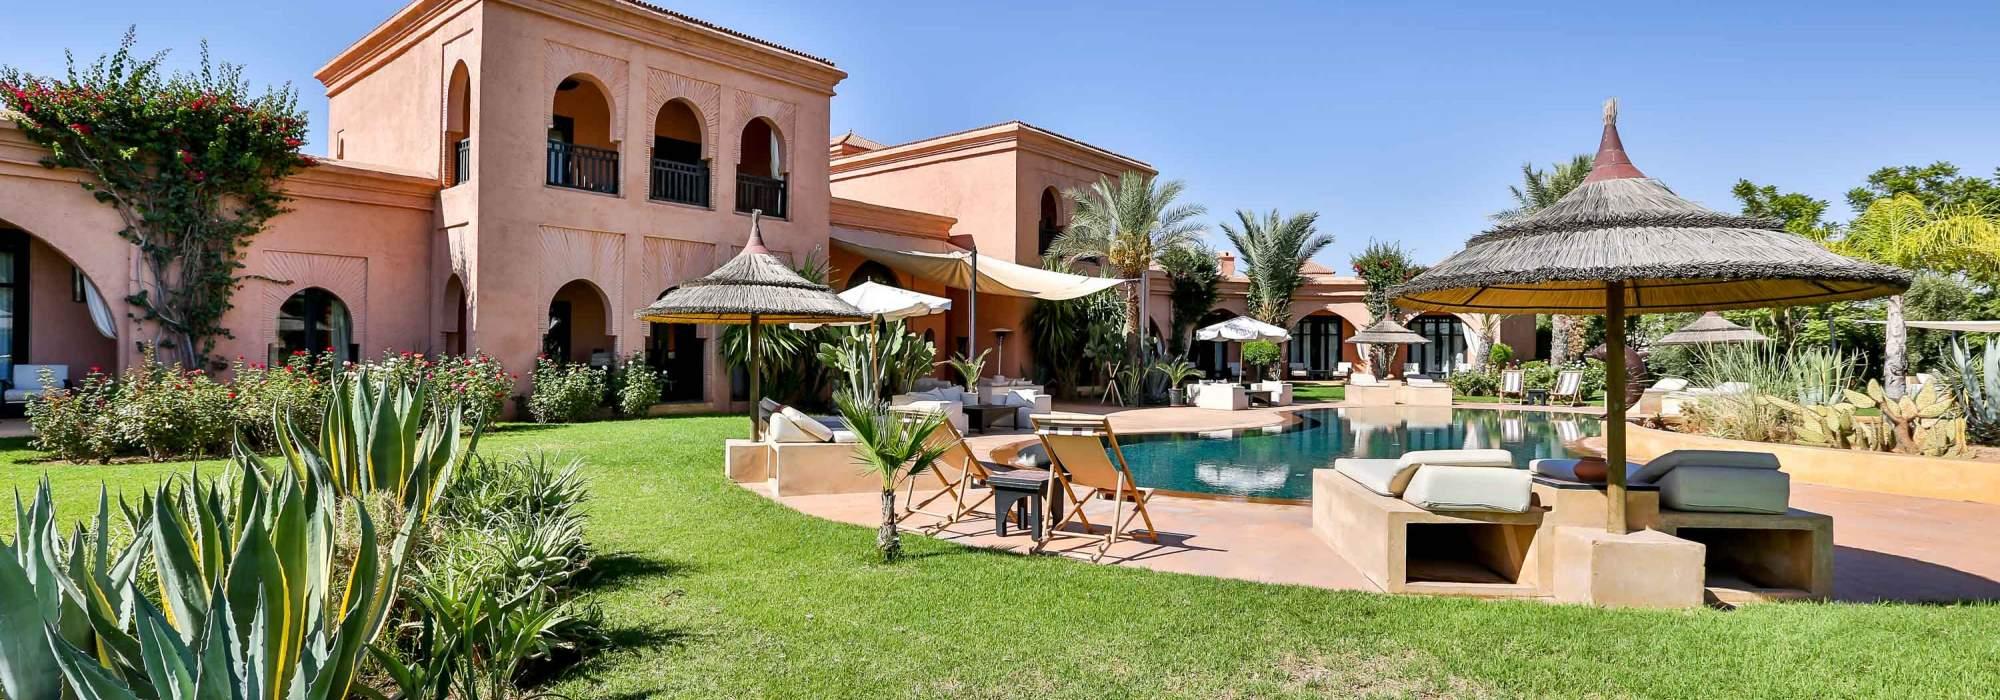 maison d hotes vendre route d'ourika marrakech